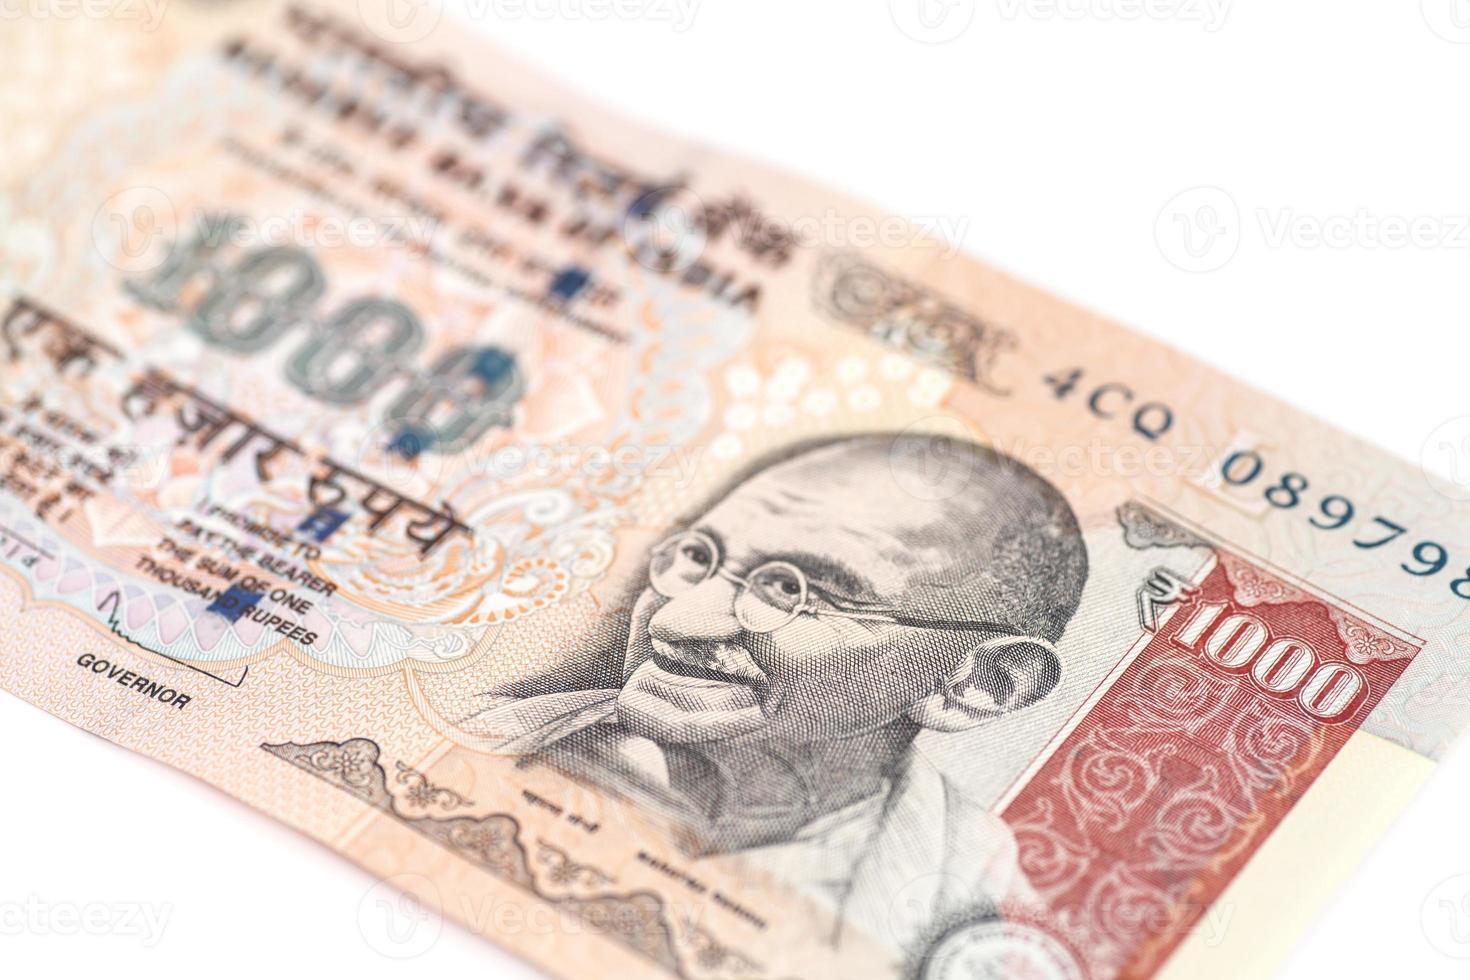 eintausend Rupien (indische Währung) foto